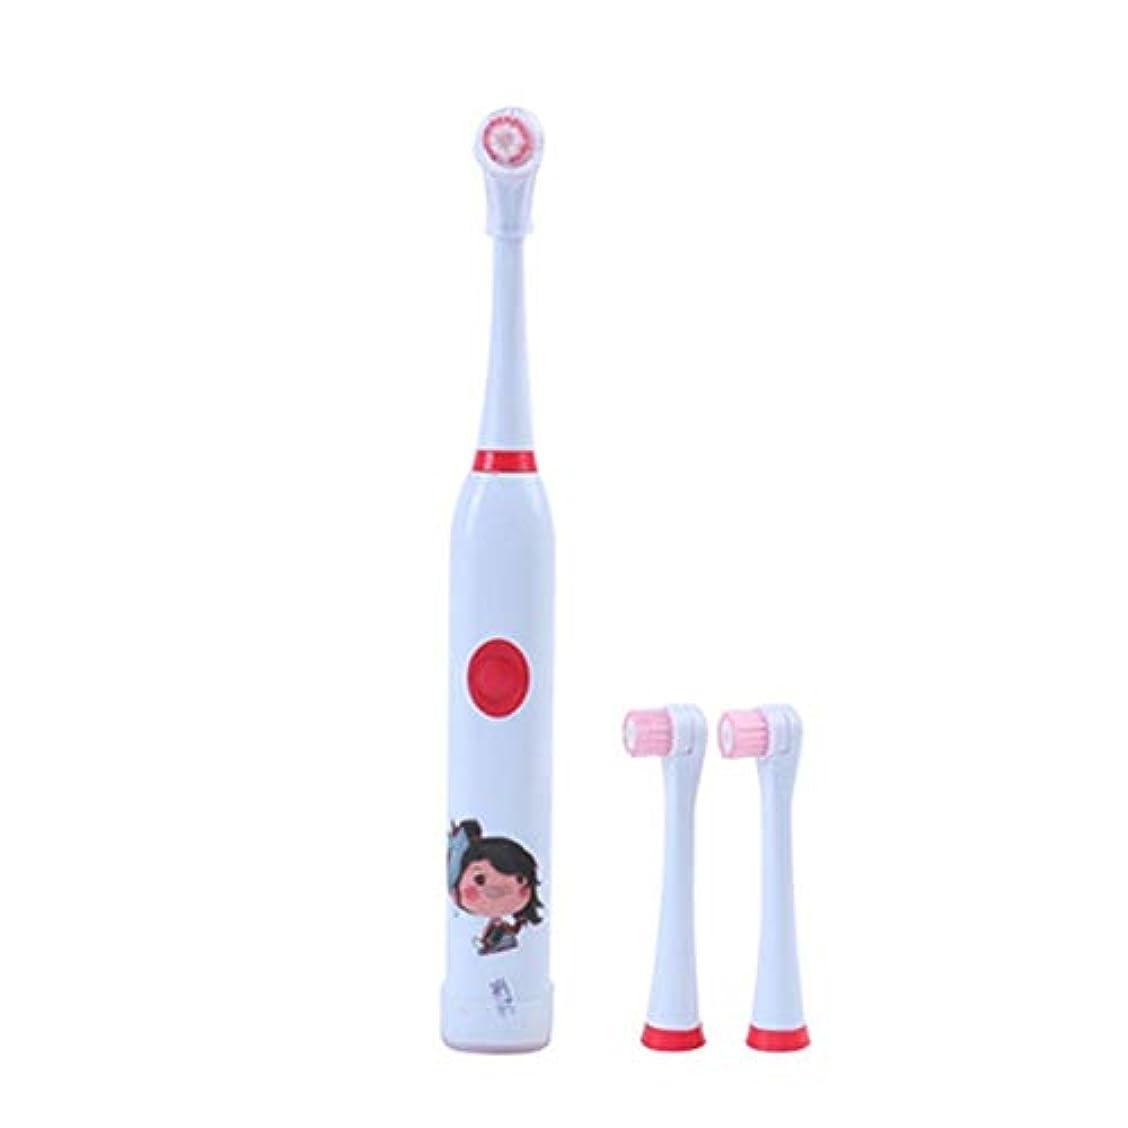 陸軍悪意パイロット電動歯ブラシ 毎日の使用のための子供の電動歯ブラシUSB充電式ホワイトニング歯ブラシ 大人と子供向け (色 : 赤, サイズ : Free size)